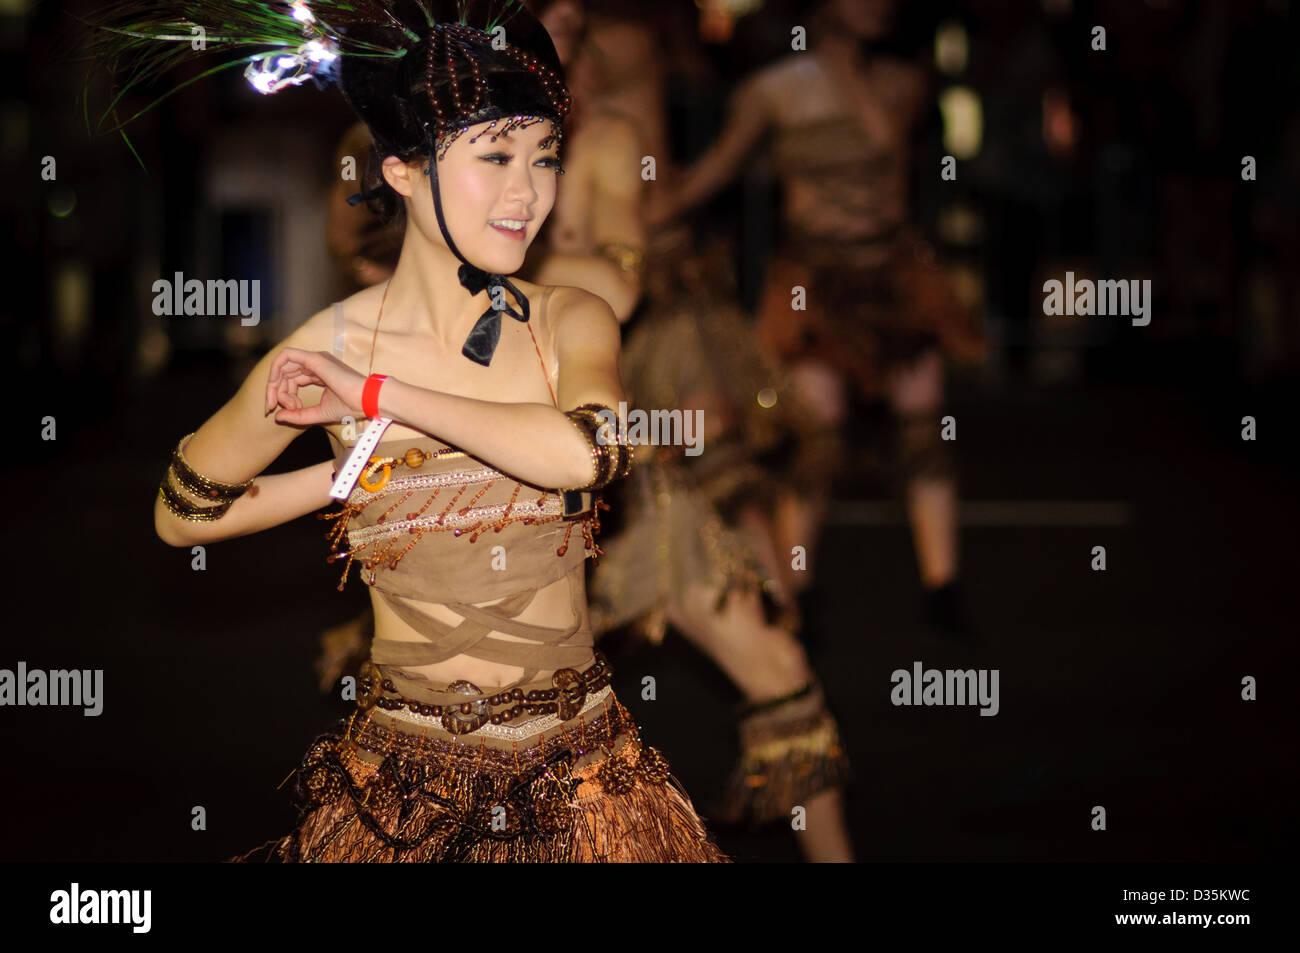 Cinese la minoranza etnica ballerina - dancing in una sfilata indossando costumi tradizionali. Immagini Stock